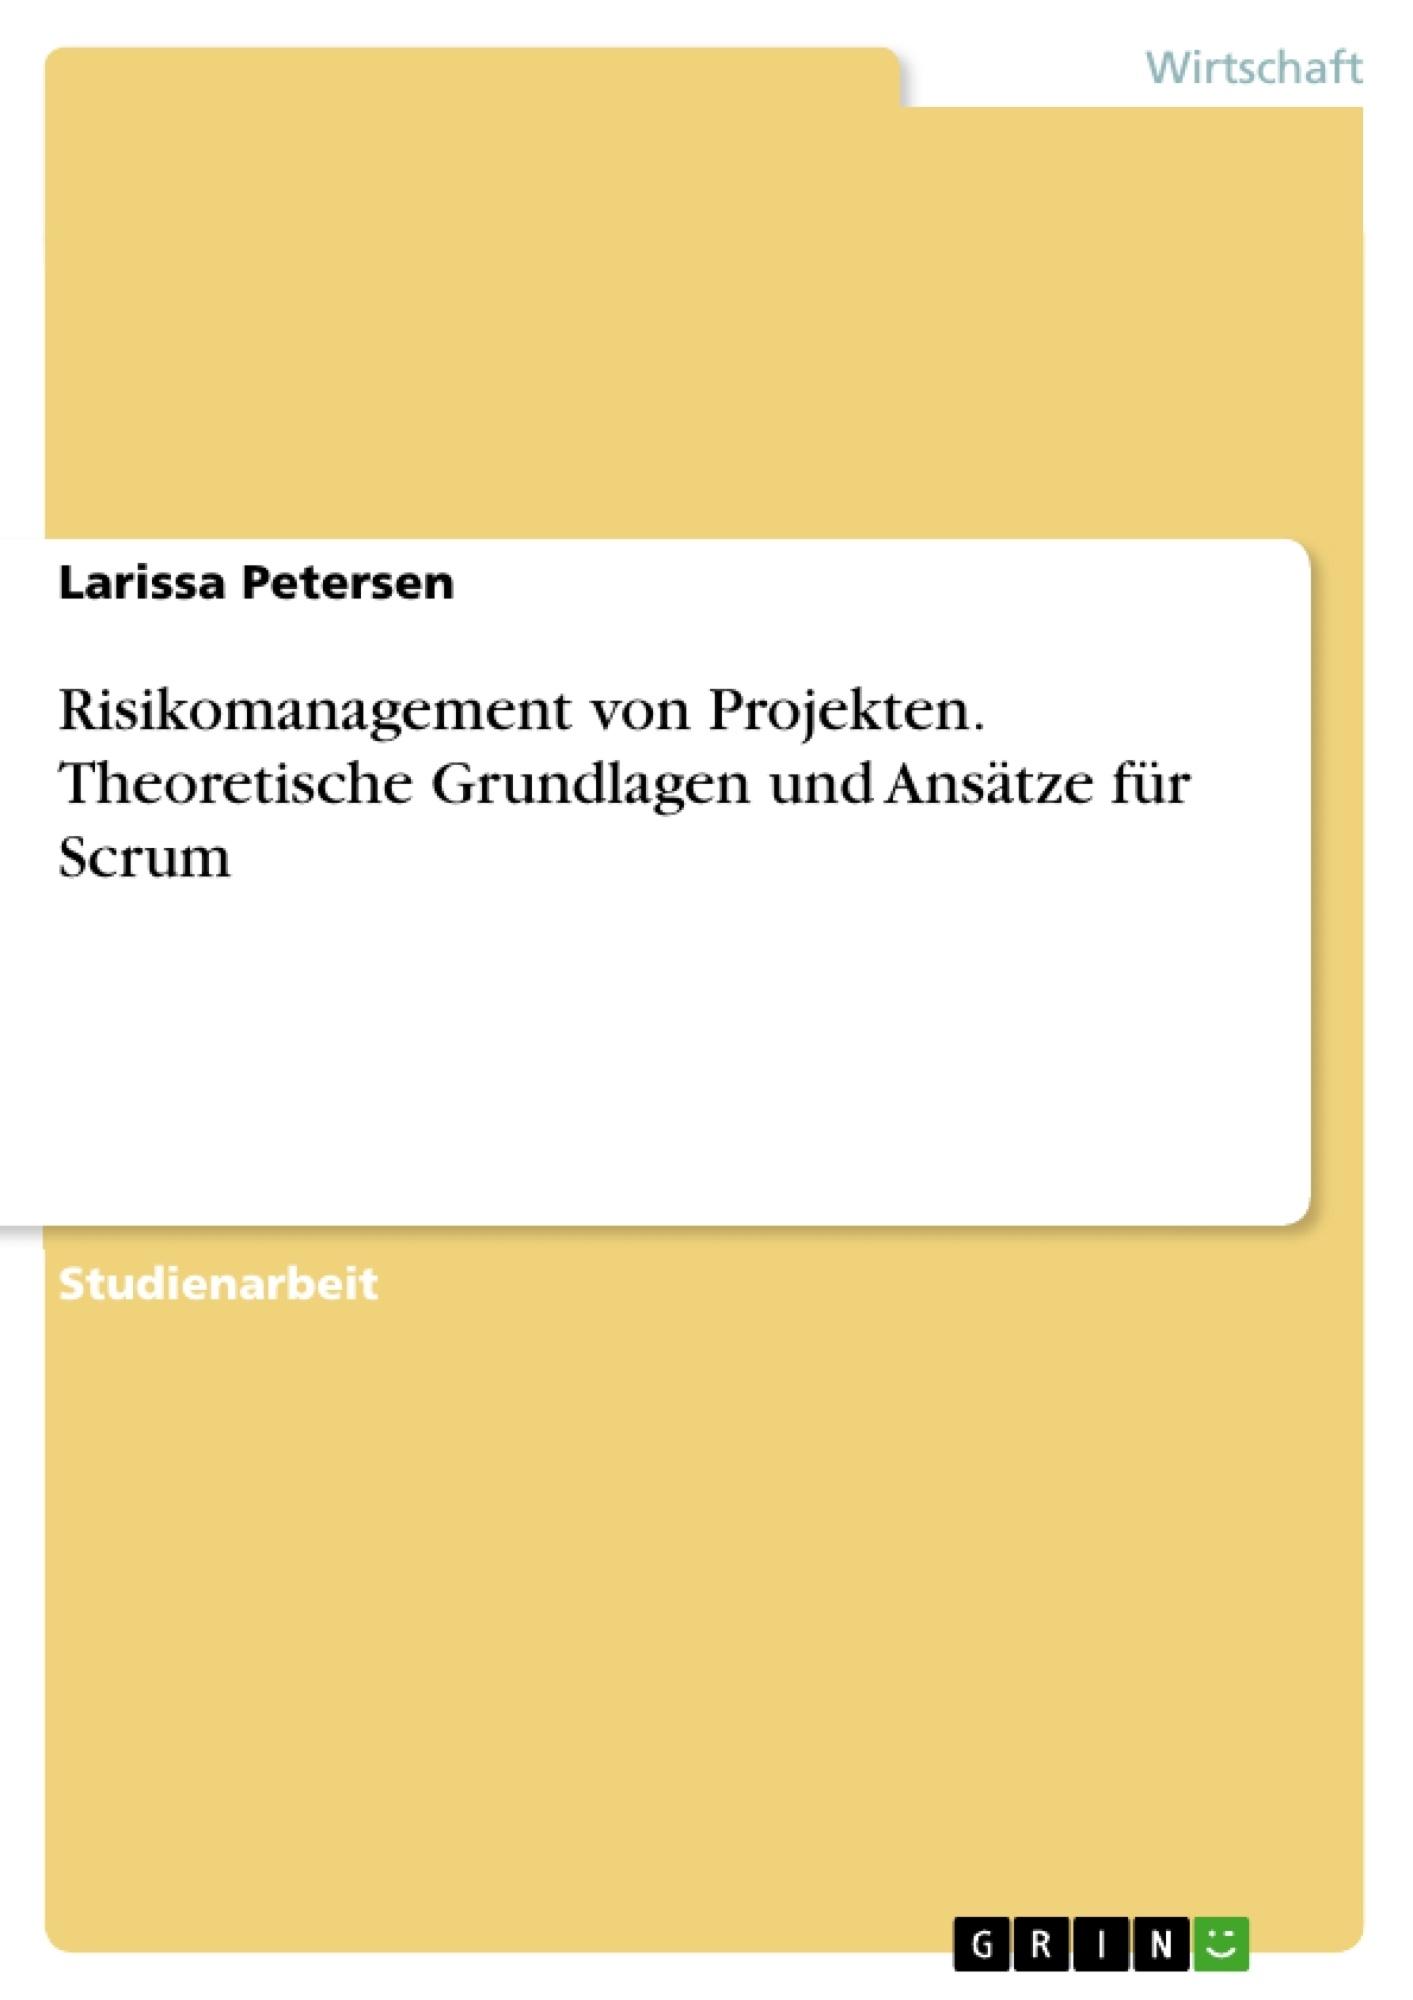 Titel: Risikomanagement von Projekten. Theoretische Grundlagen und Ansätze für Scrum